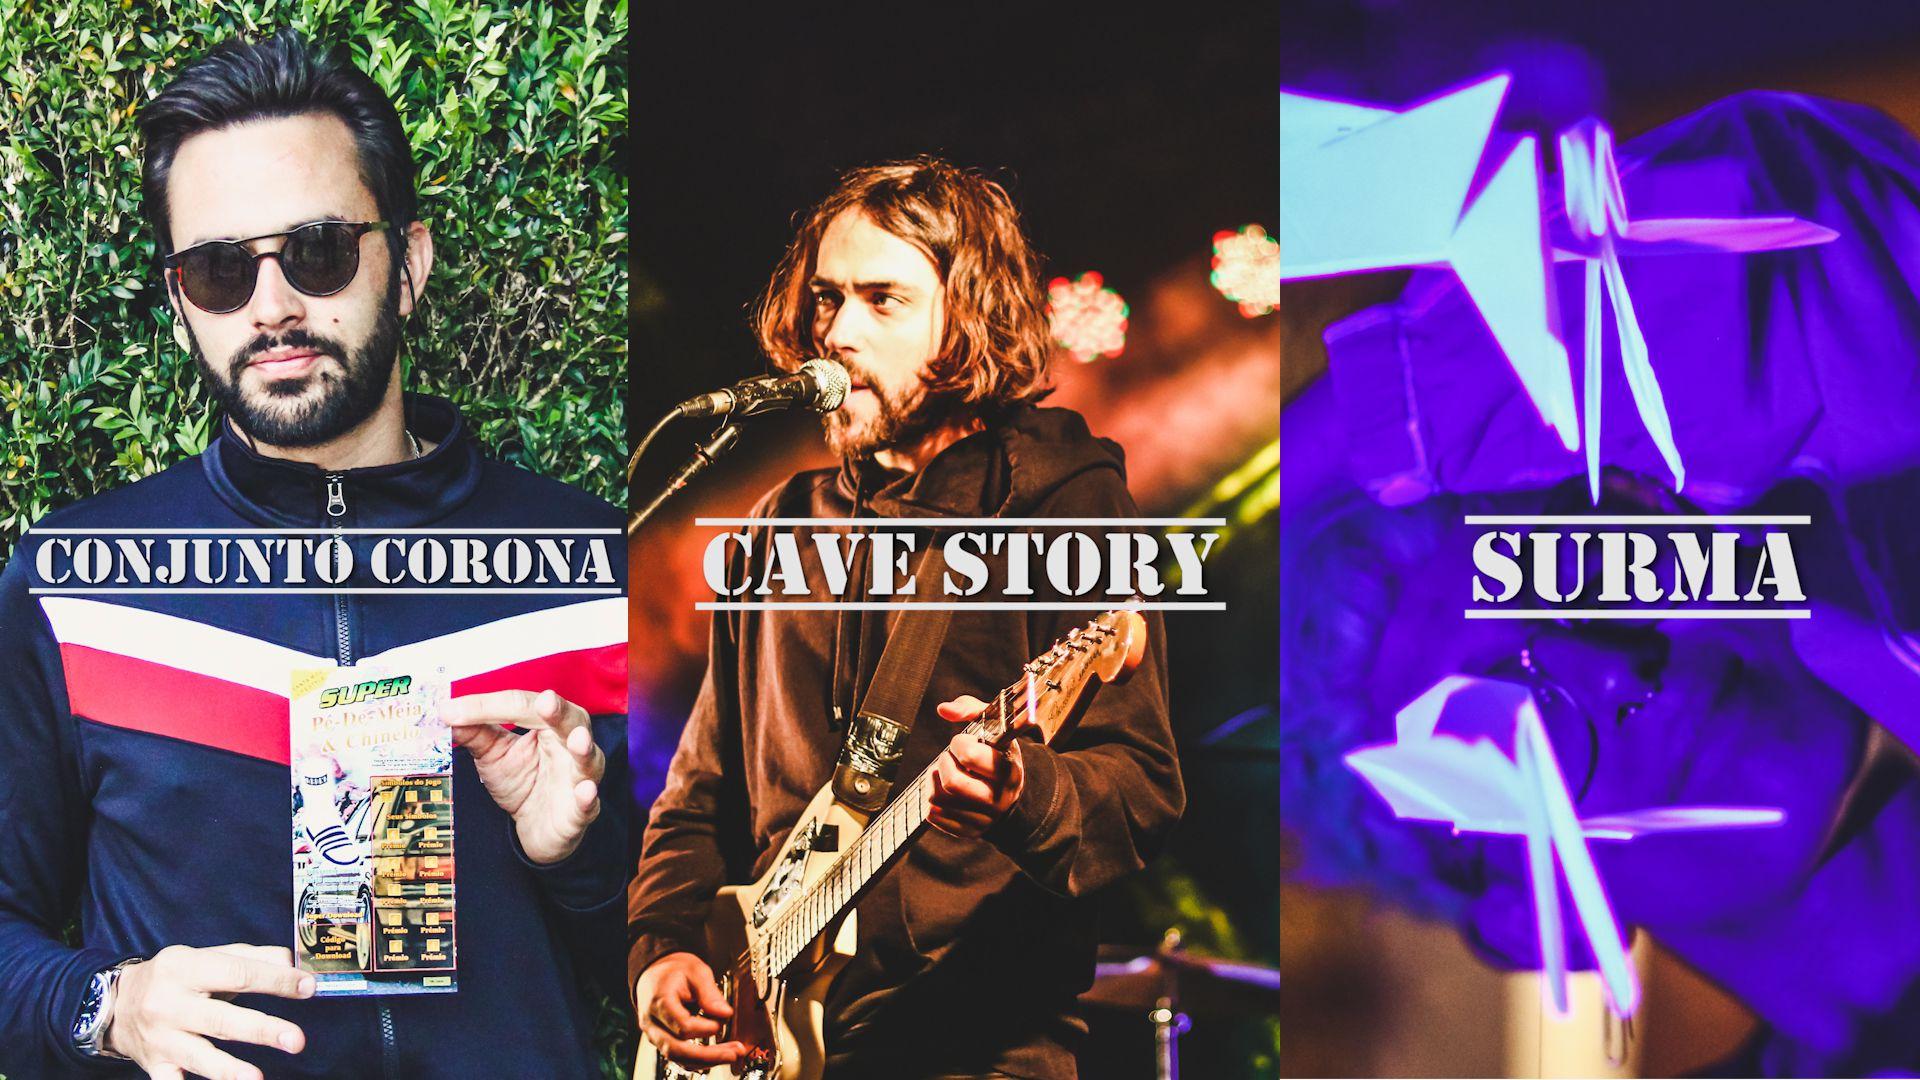 Basqueiral 2019: finos com Conjunto Corona e Cave Story, origamis com Surma